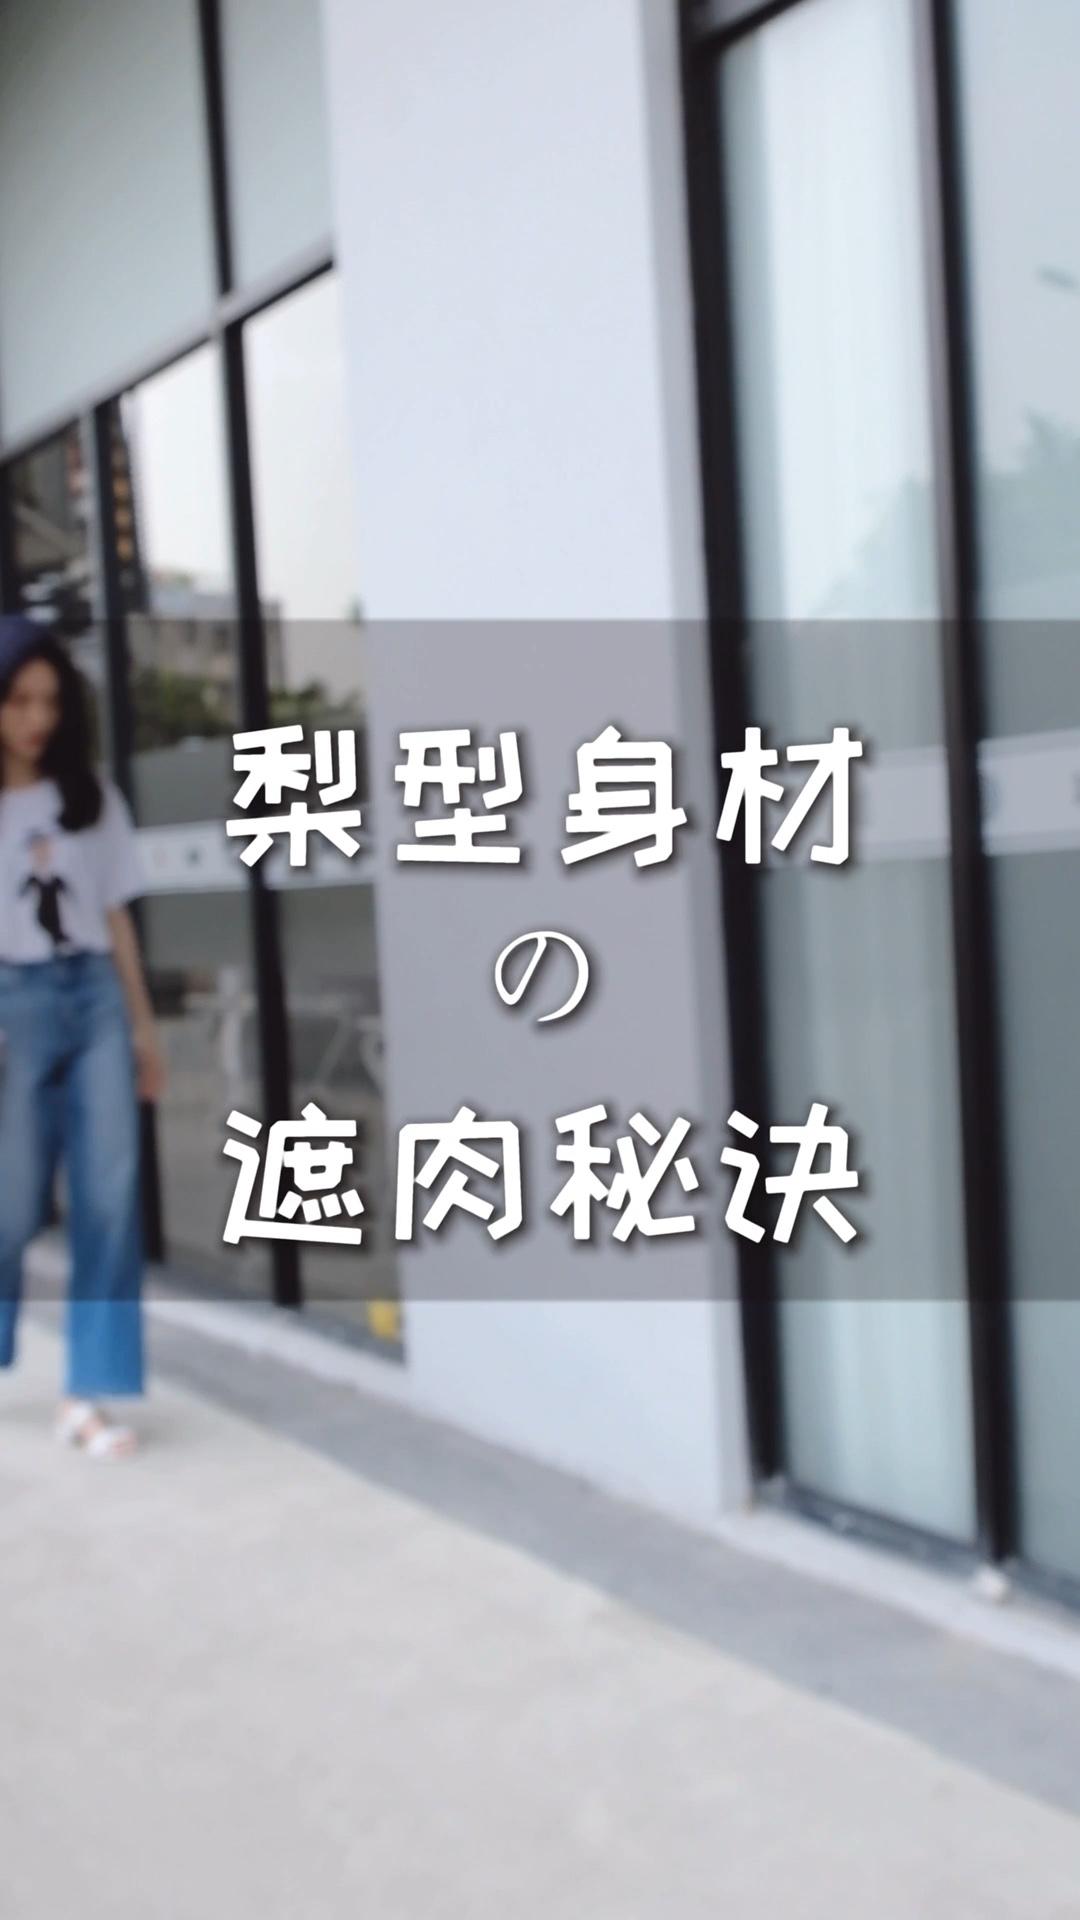 【梨型身材の遮肉秘诀】 - ❥中国女生很多都是梨型身材,我也会因为小腹肉肉而烦恼,这时候,将自己打造成视觉上的